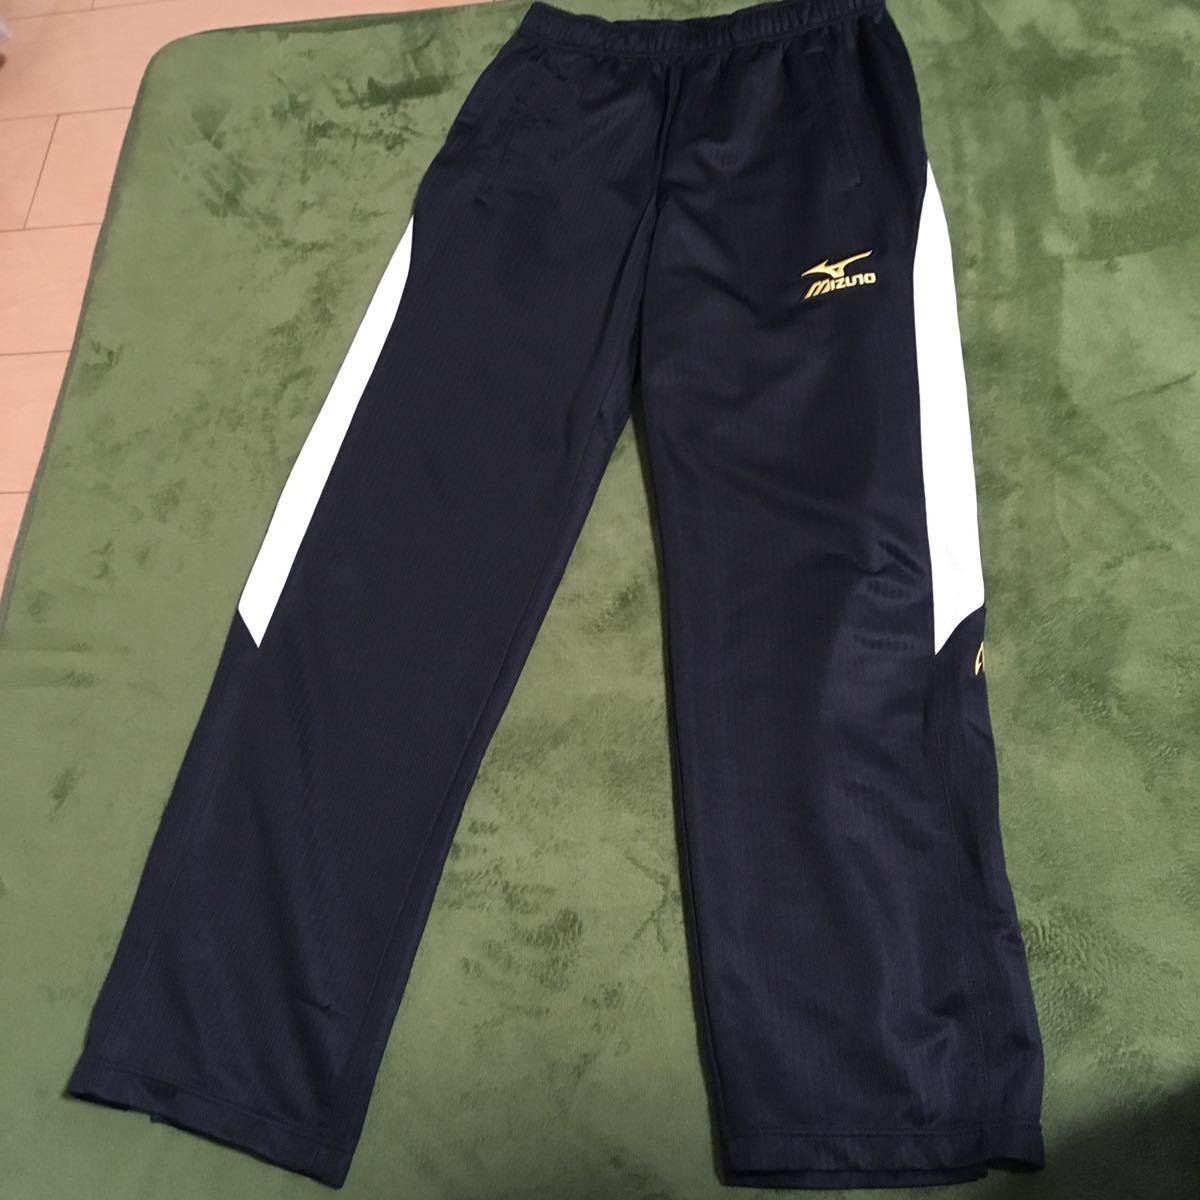 MIZUNO ミズノ スポーツ トレーニング ウェア ズボン ジャージ 黒 Lサイズ